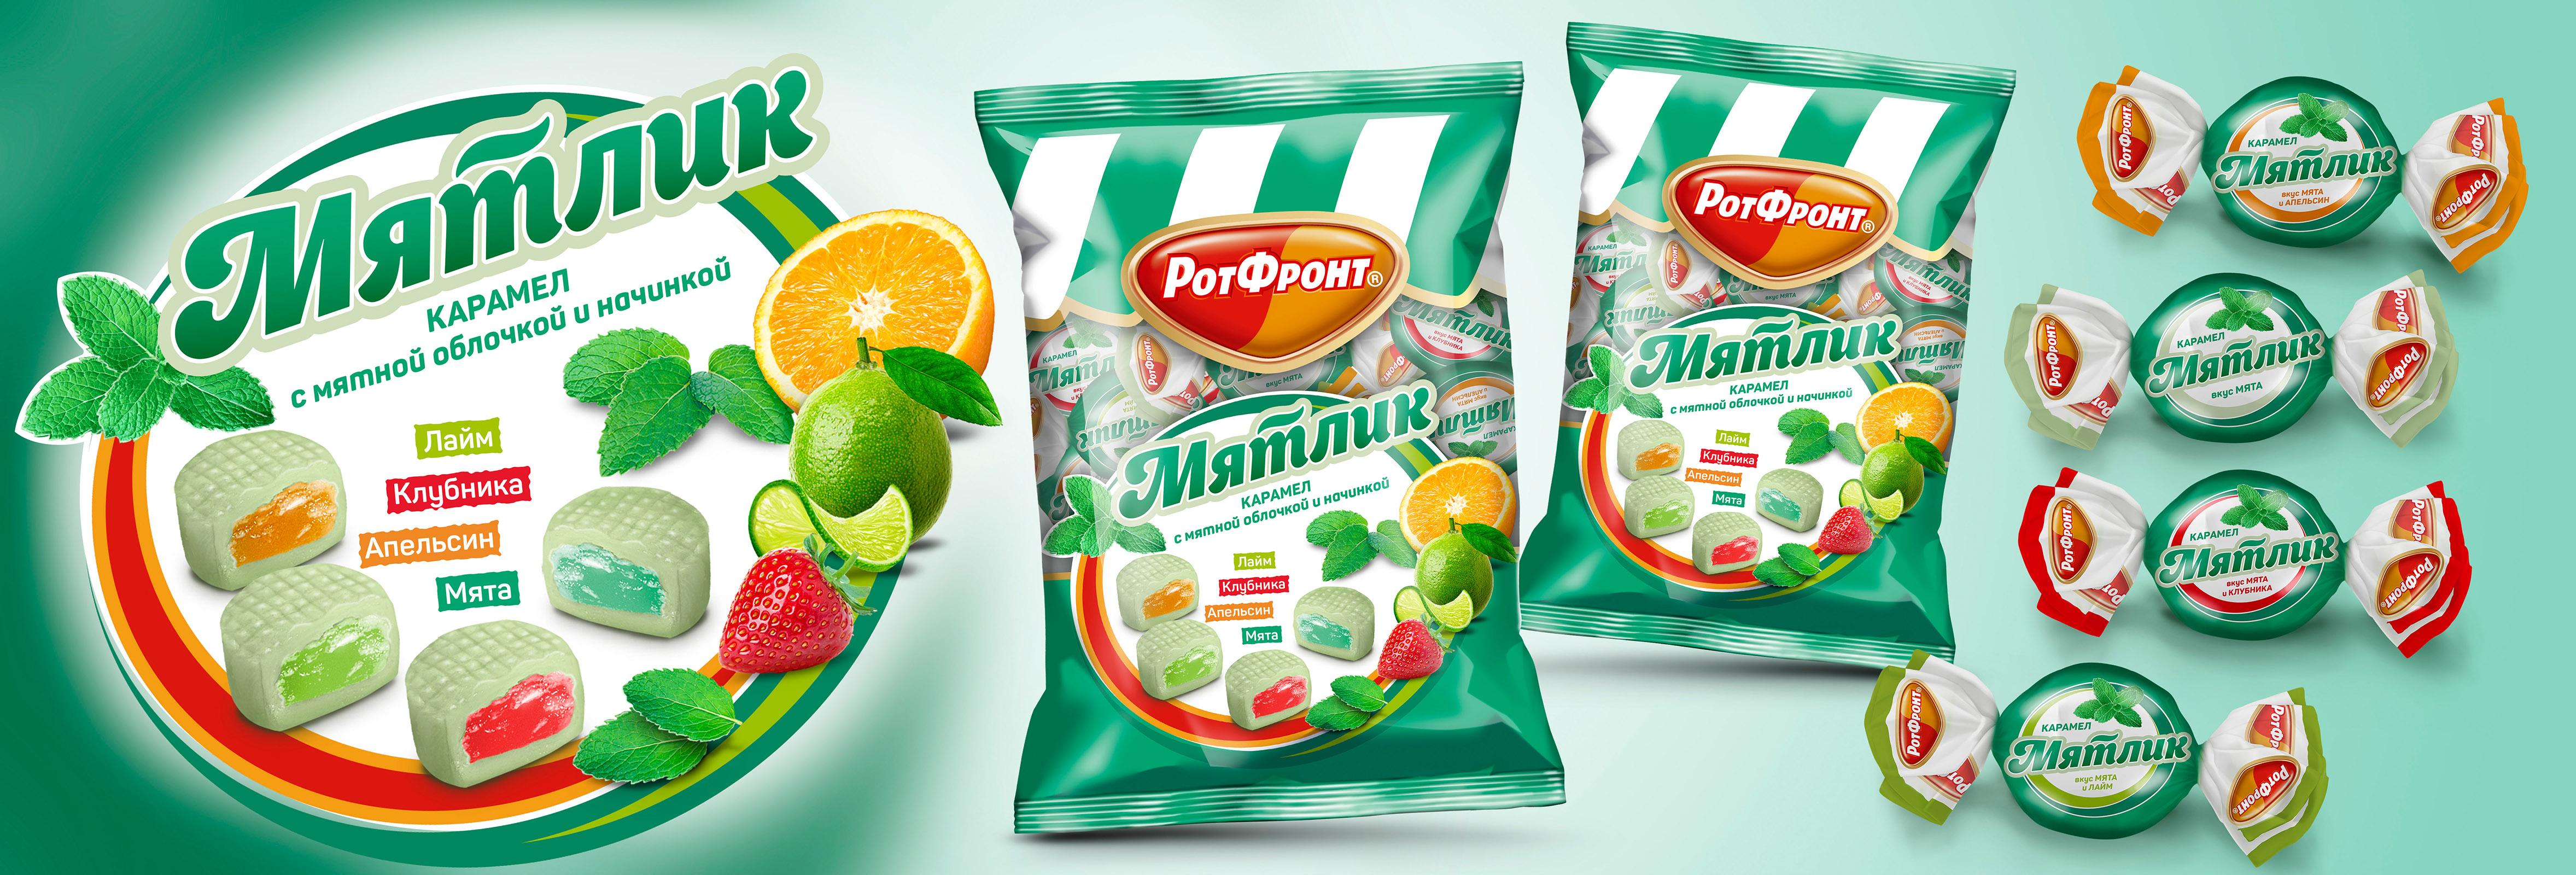 Разработка дизайна упаковки для мятной карамели от Рот Фронт фото f_83259ef275b6b7e2.jpg